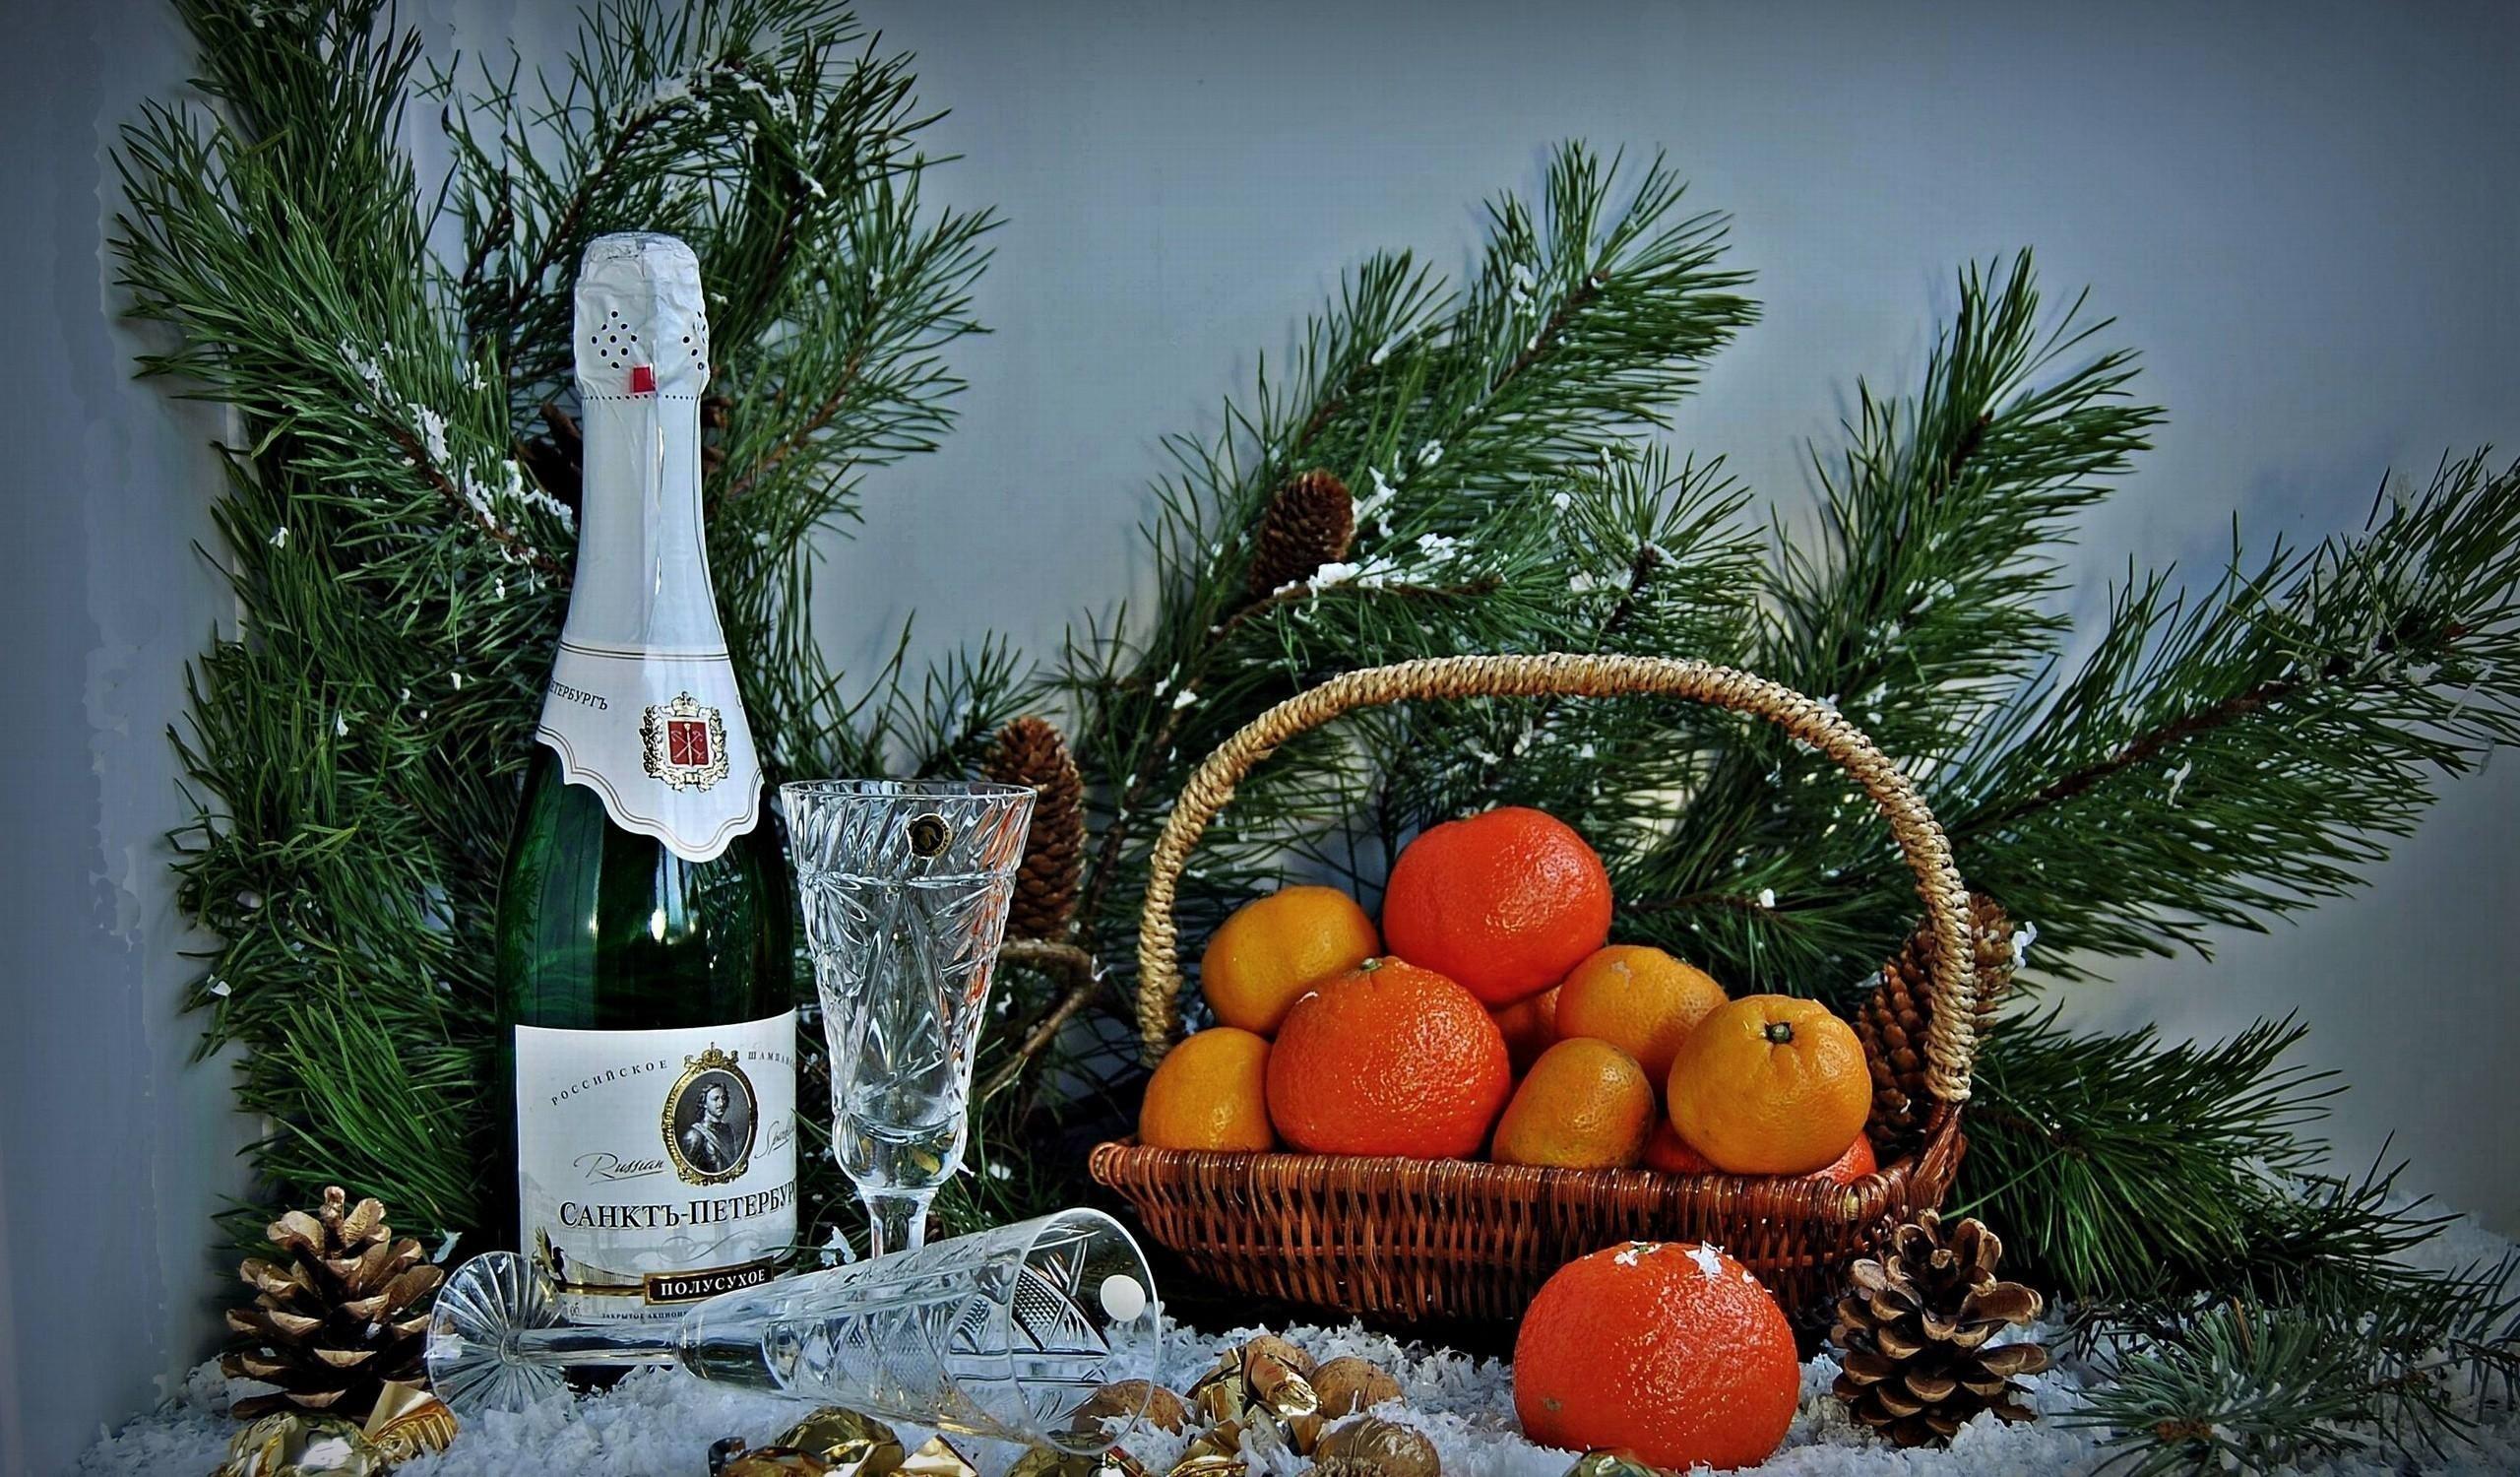 Какой же Новый год без шампанского и мандаринов?